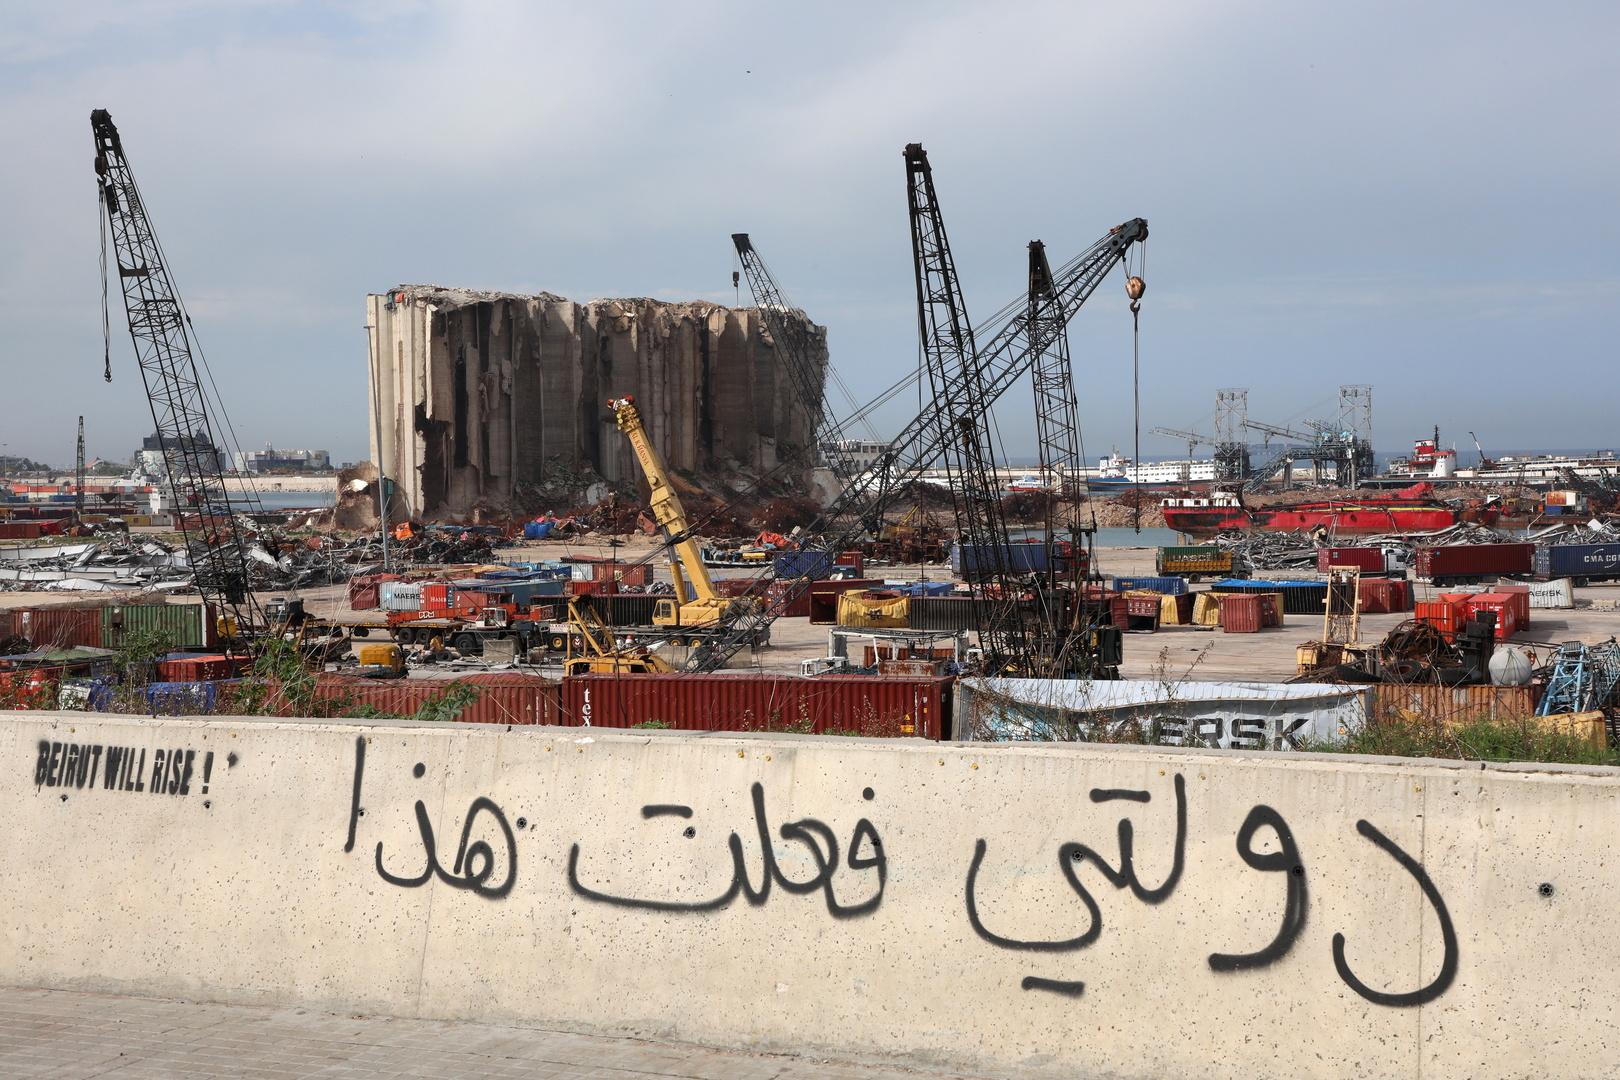 بينهم وزراء سابقون.. المحقق العدلي في قضية انفجار مرفأ بيروت يبدأ بملاحقة سياسيين وأمنيين